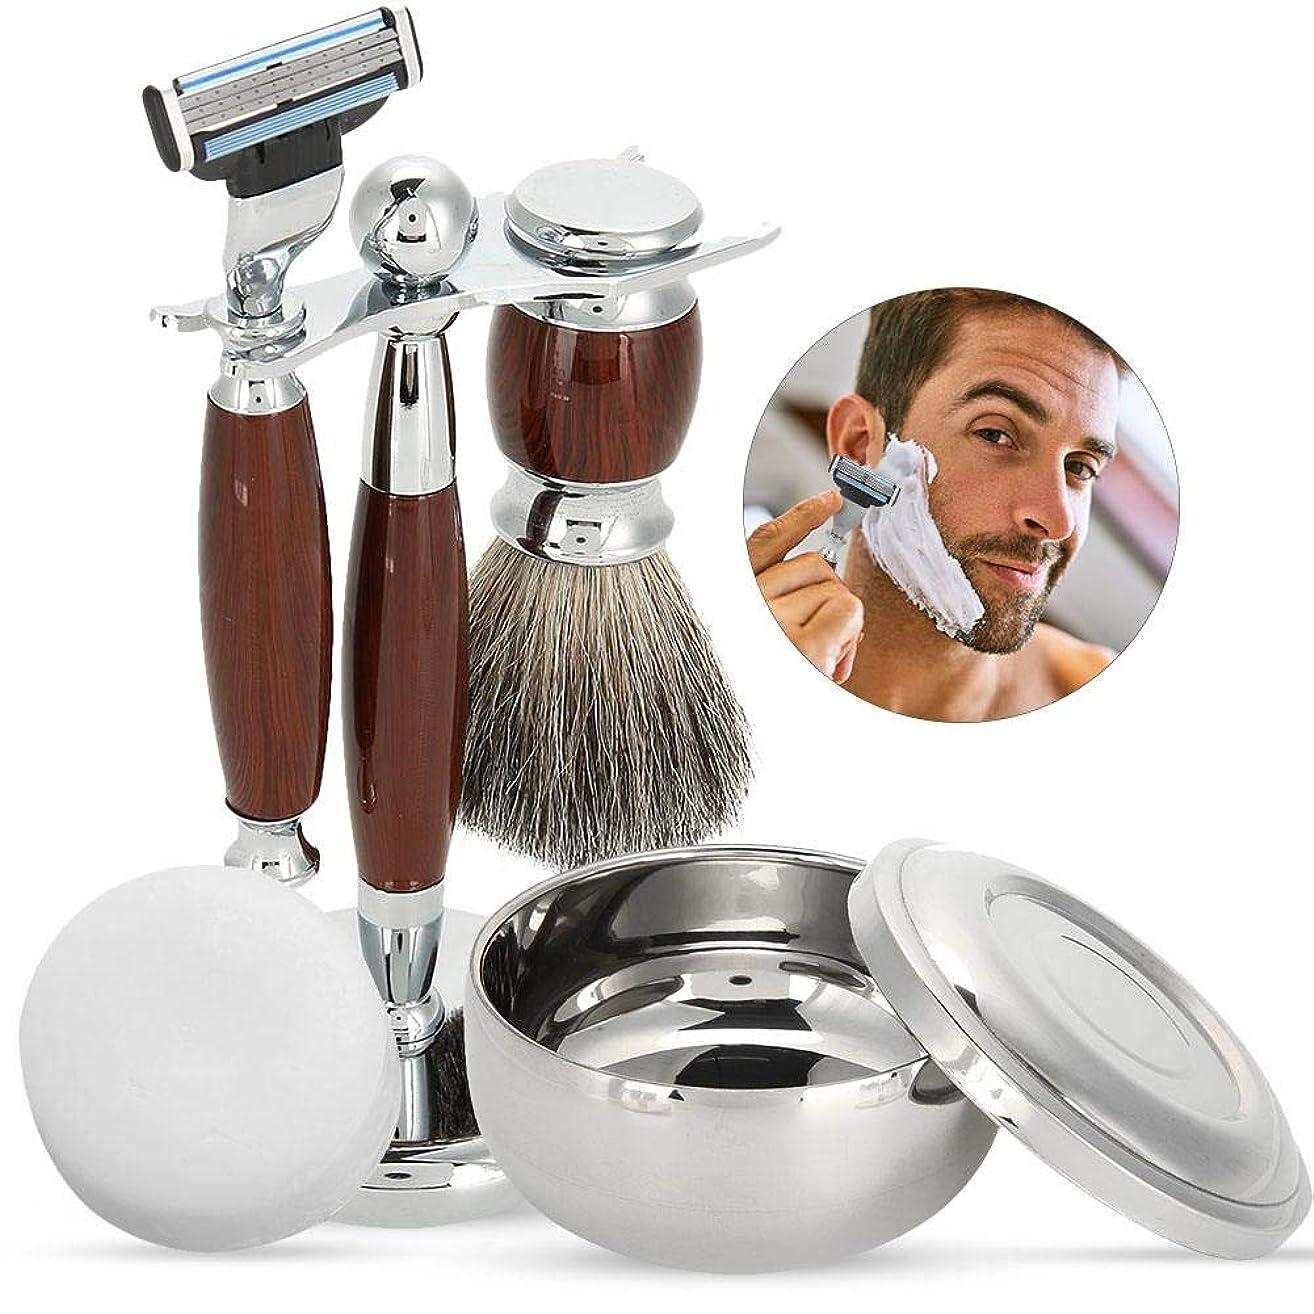 男性ひげ剃りセット、シェービングブラシ++ボウル+石鹸+ブラシホルダー 洗顔 髭剃り スキンケア プレゼン